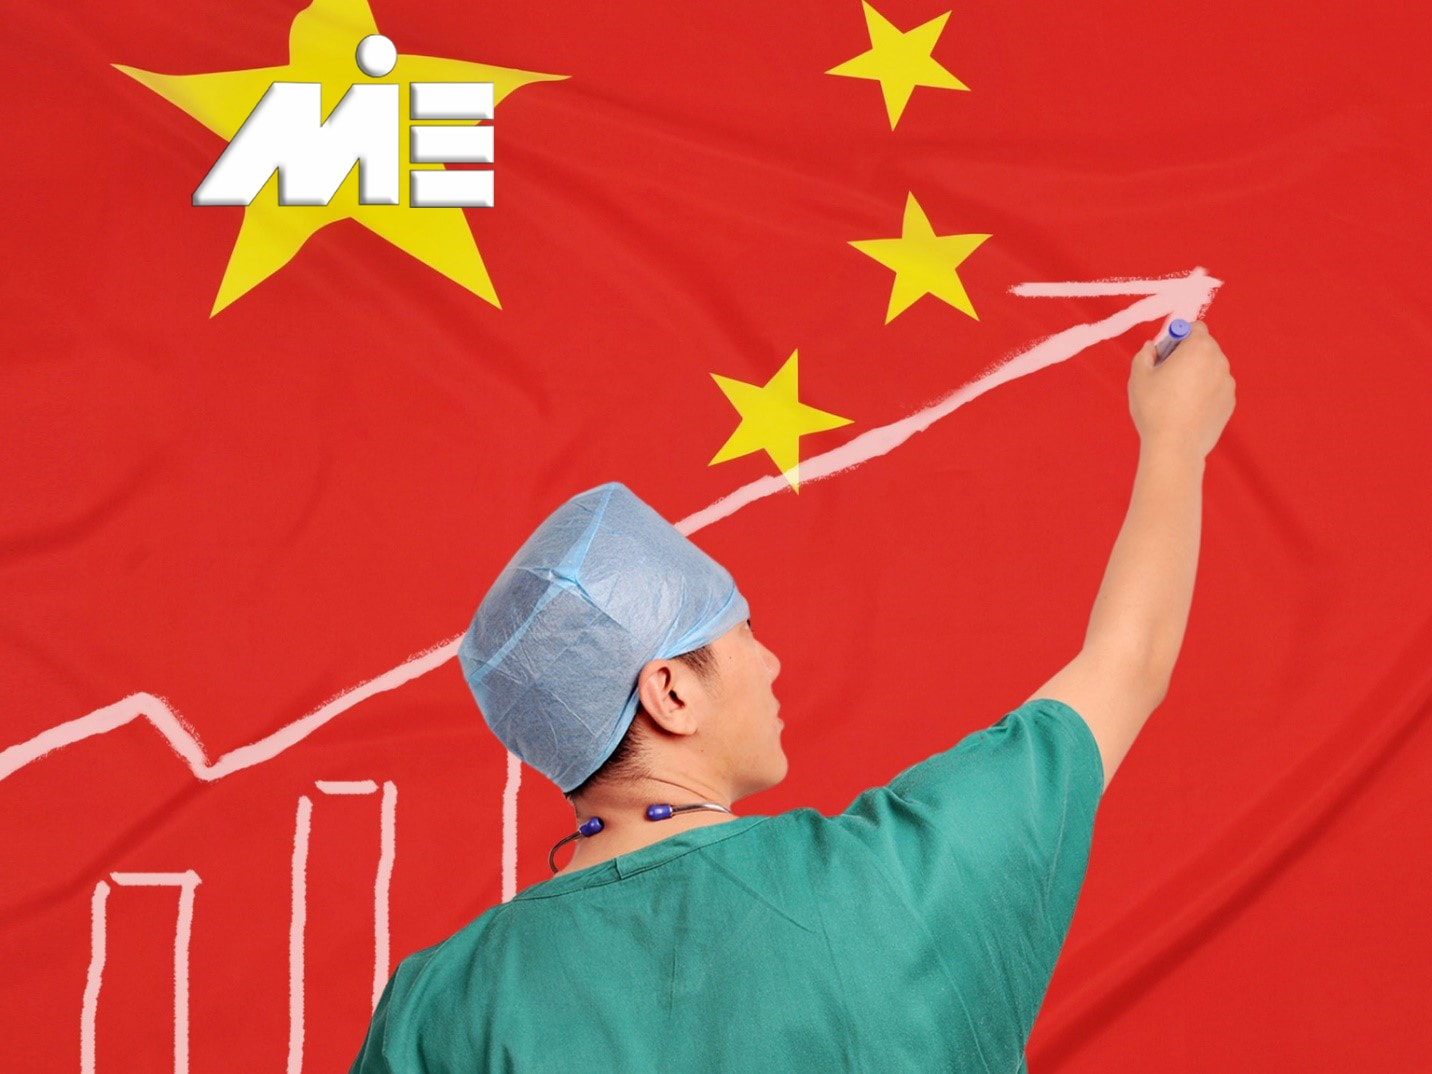 درمان در چین ـ ویزای درمانی چین ـ خدمات پزشکی در چین ـ ویزای پزشکی چین ـ معالجه و درمان در چین